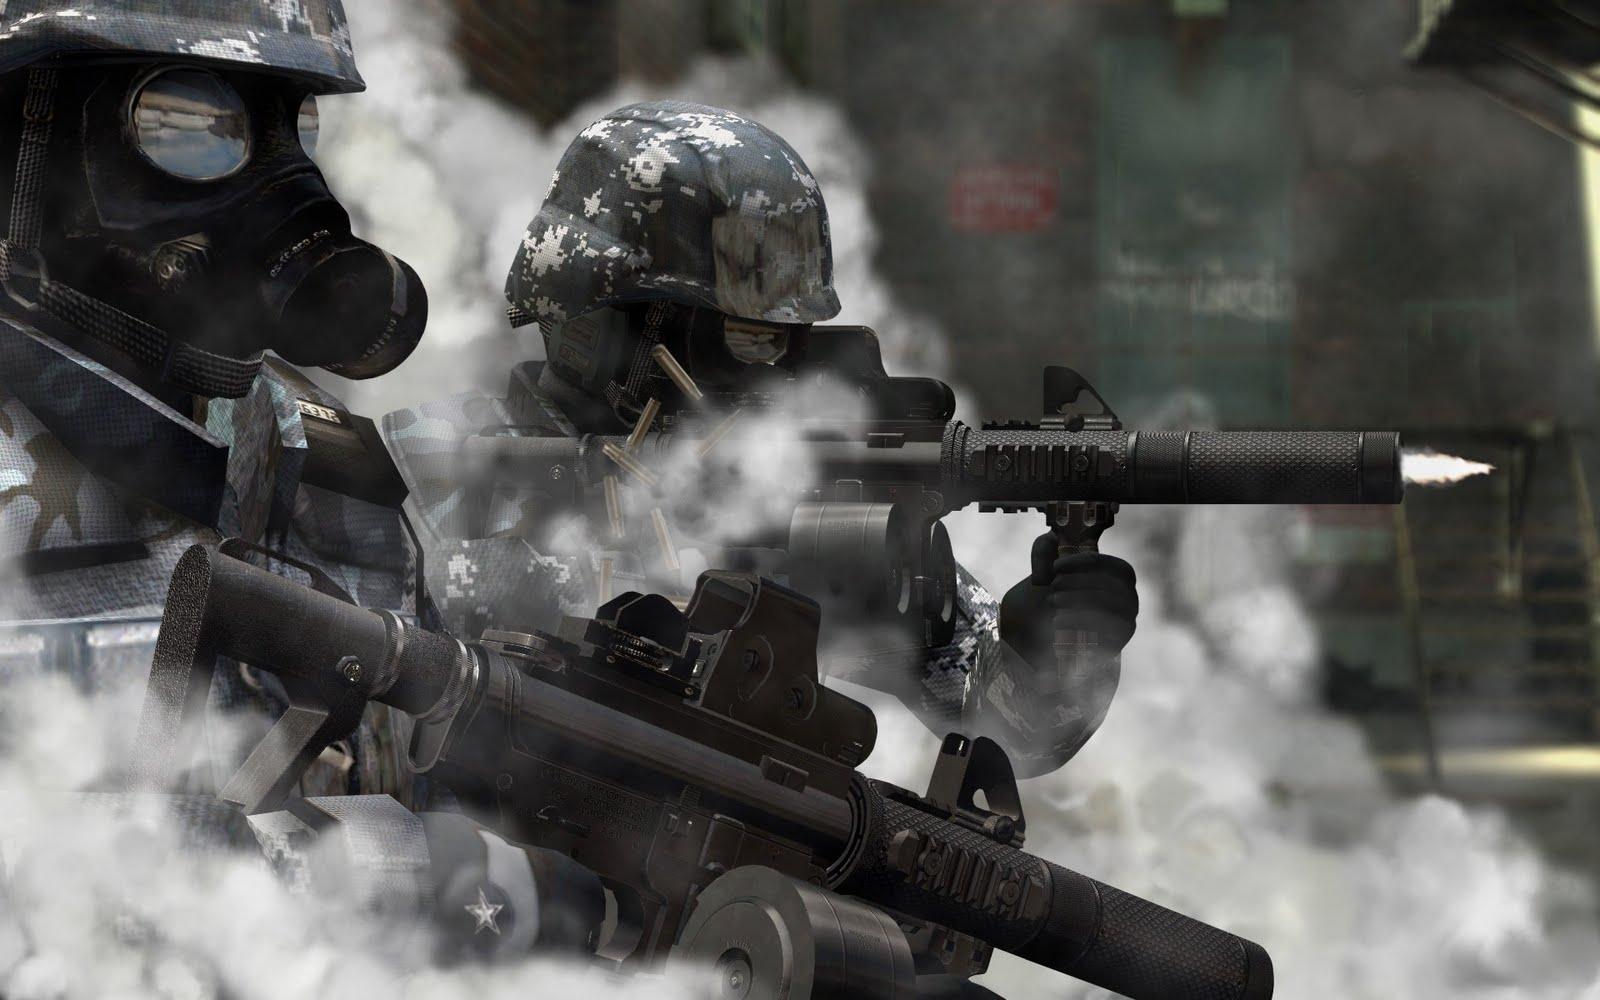 http://1.bp.blogspot.com/_6F1goSN3h9s/TJq2l8KdufI/AAAAAAAAAW8/gllxzkml3AU/s1600/violence,+rebellion+and+roits+%281%29.jpg